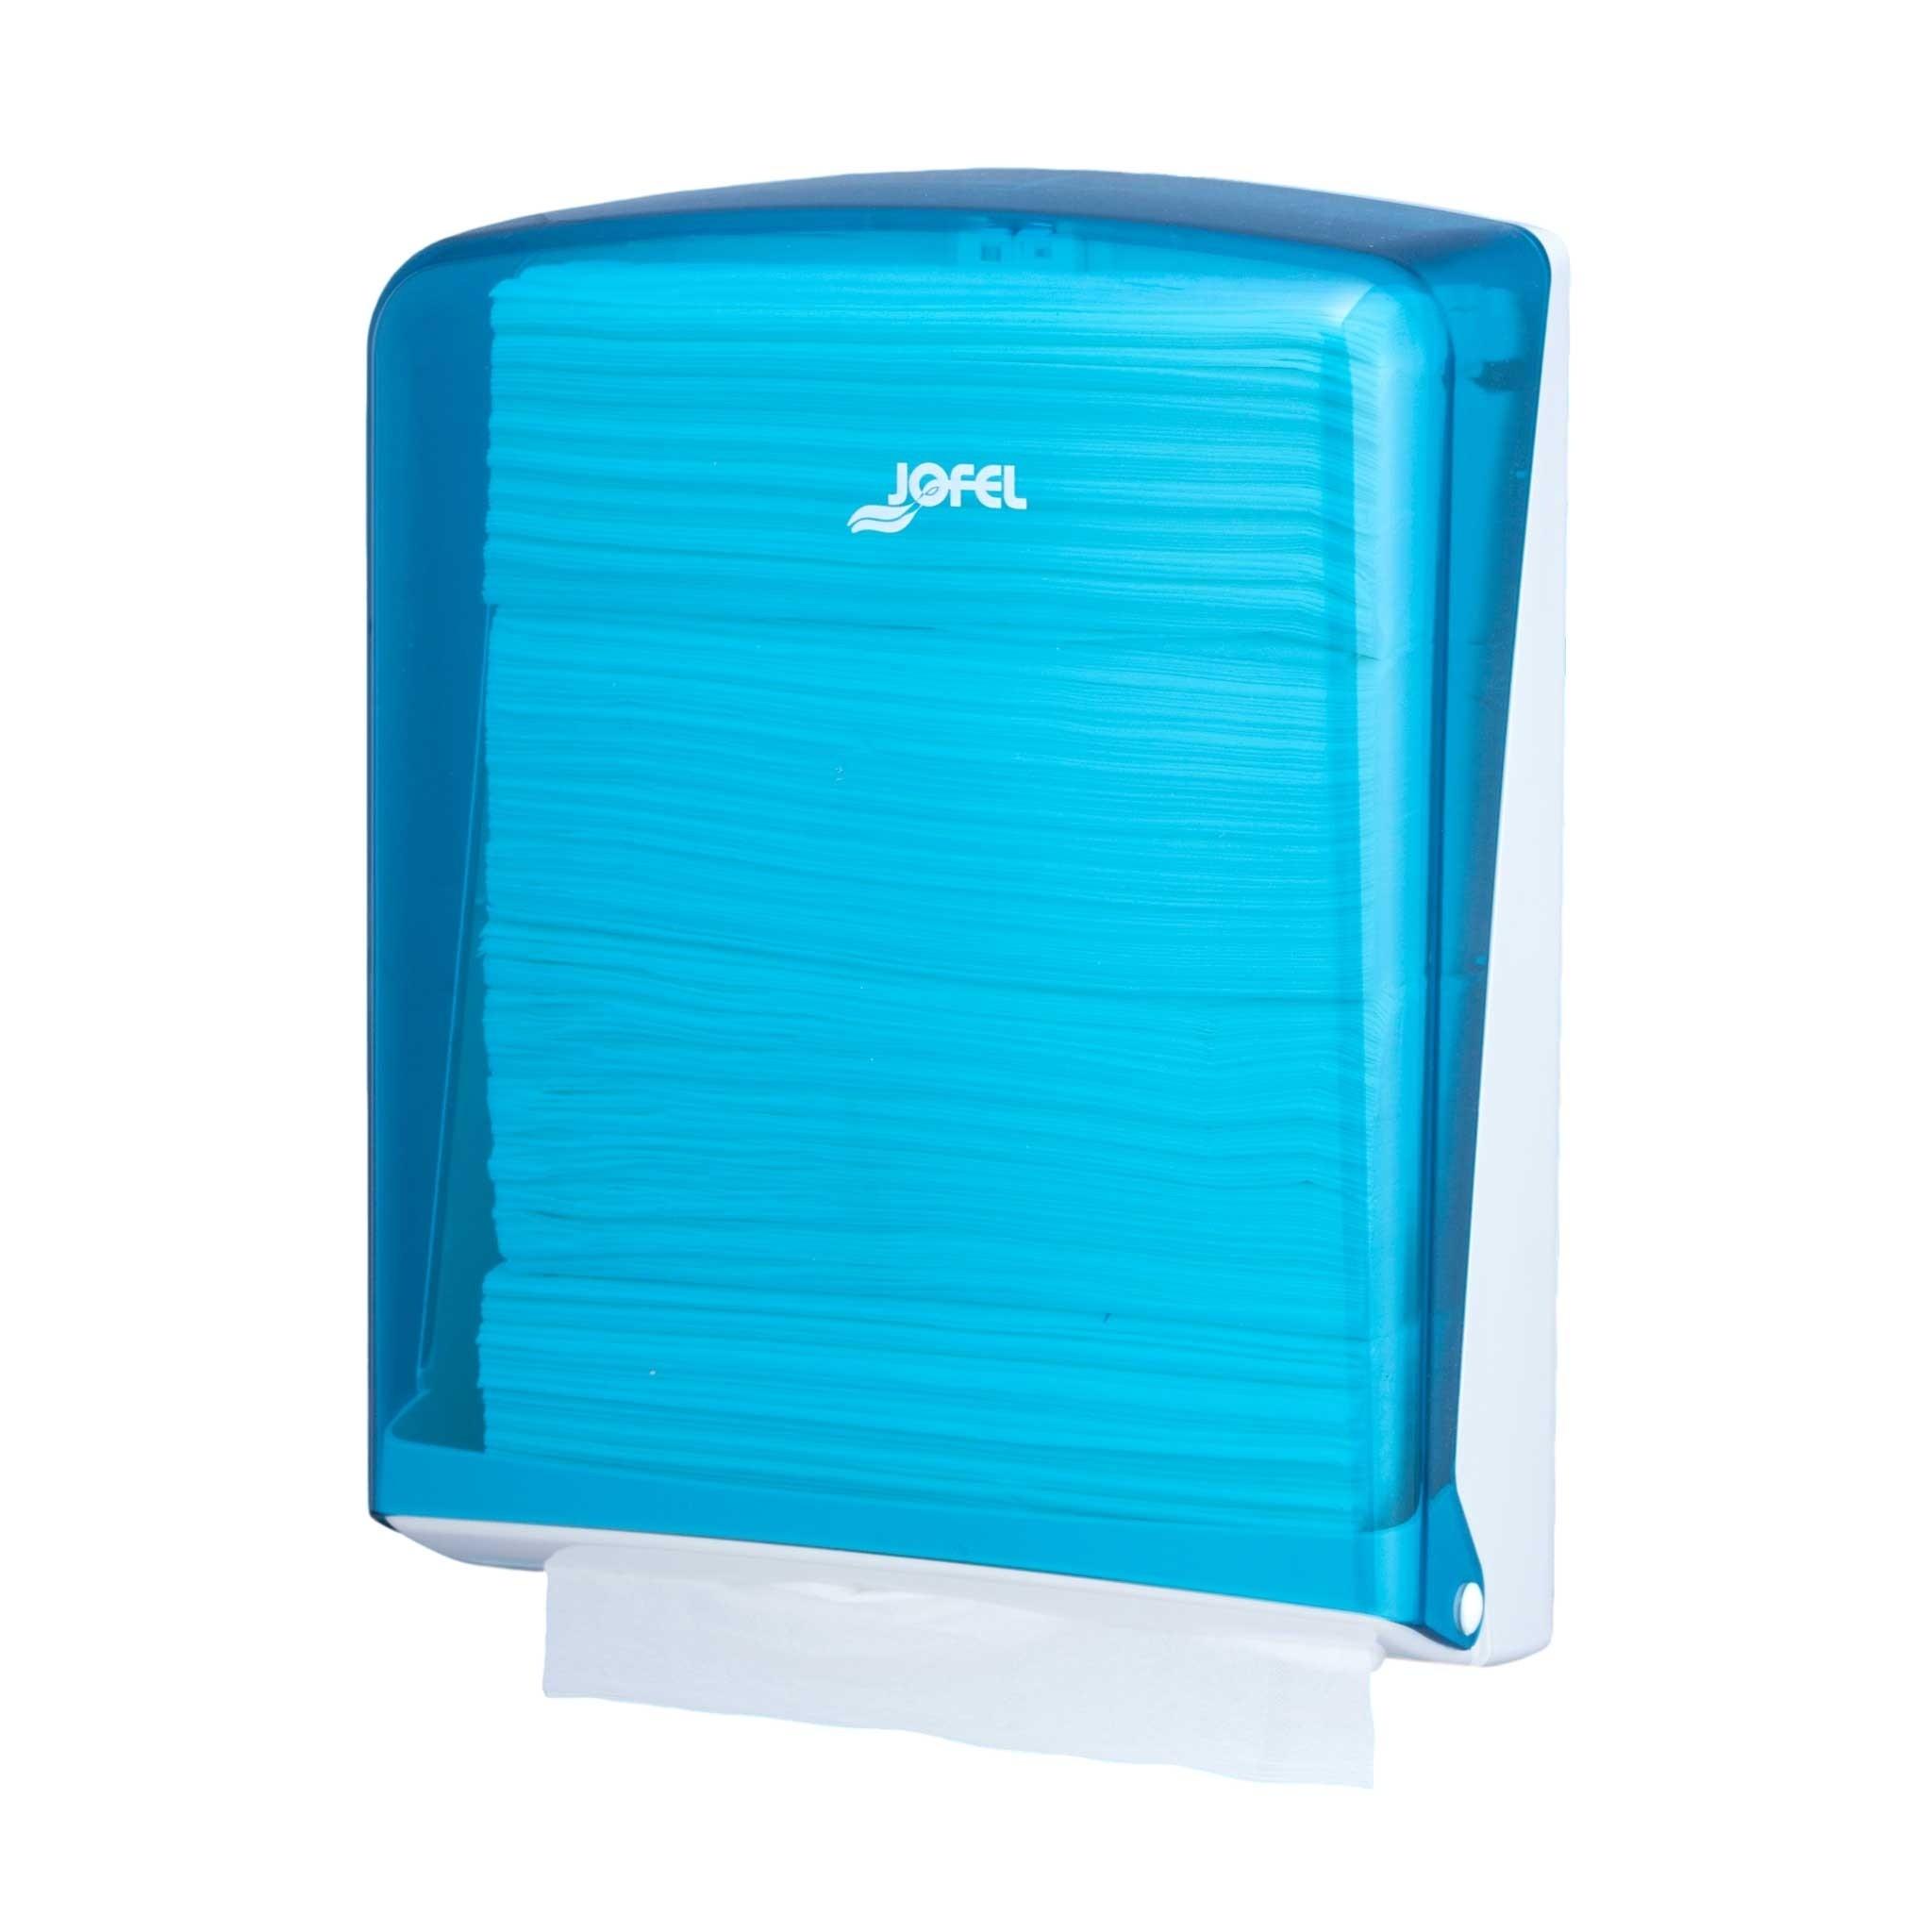 Πλαστική θήκη χειροπετσέτας ΖικΖακ Jofel Azur blue AH34200